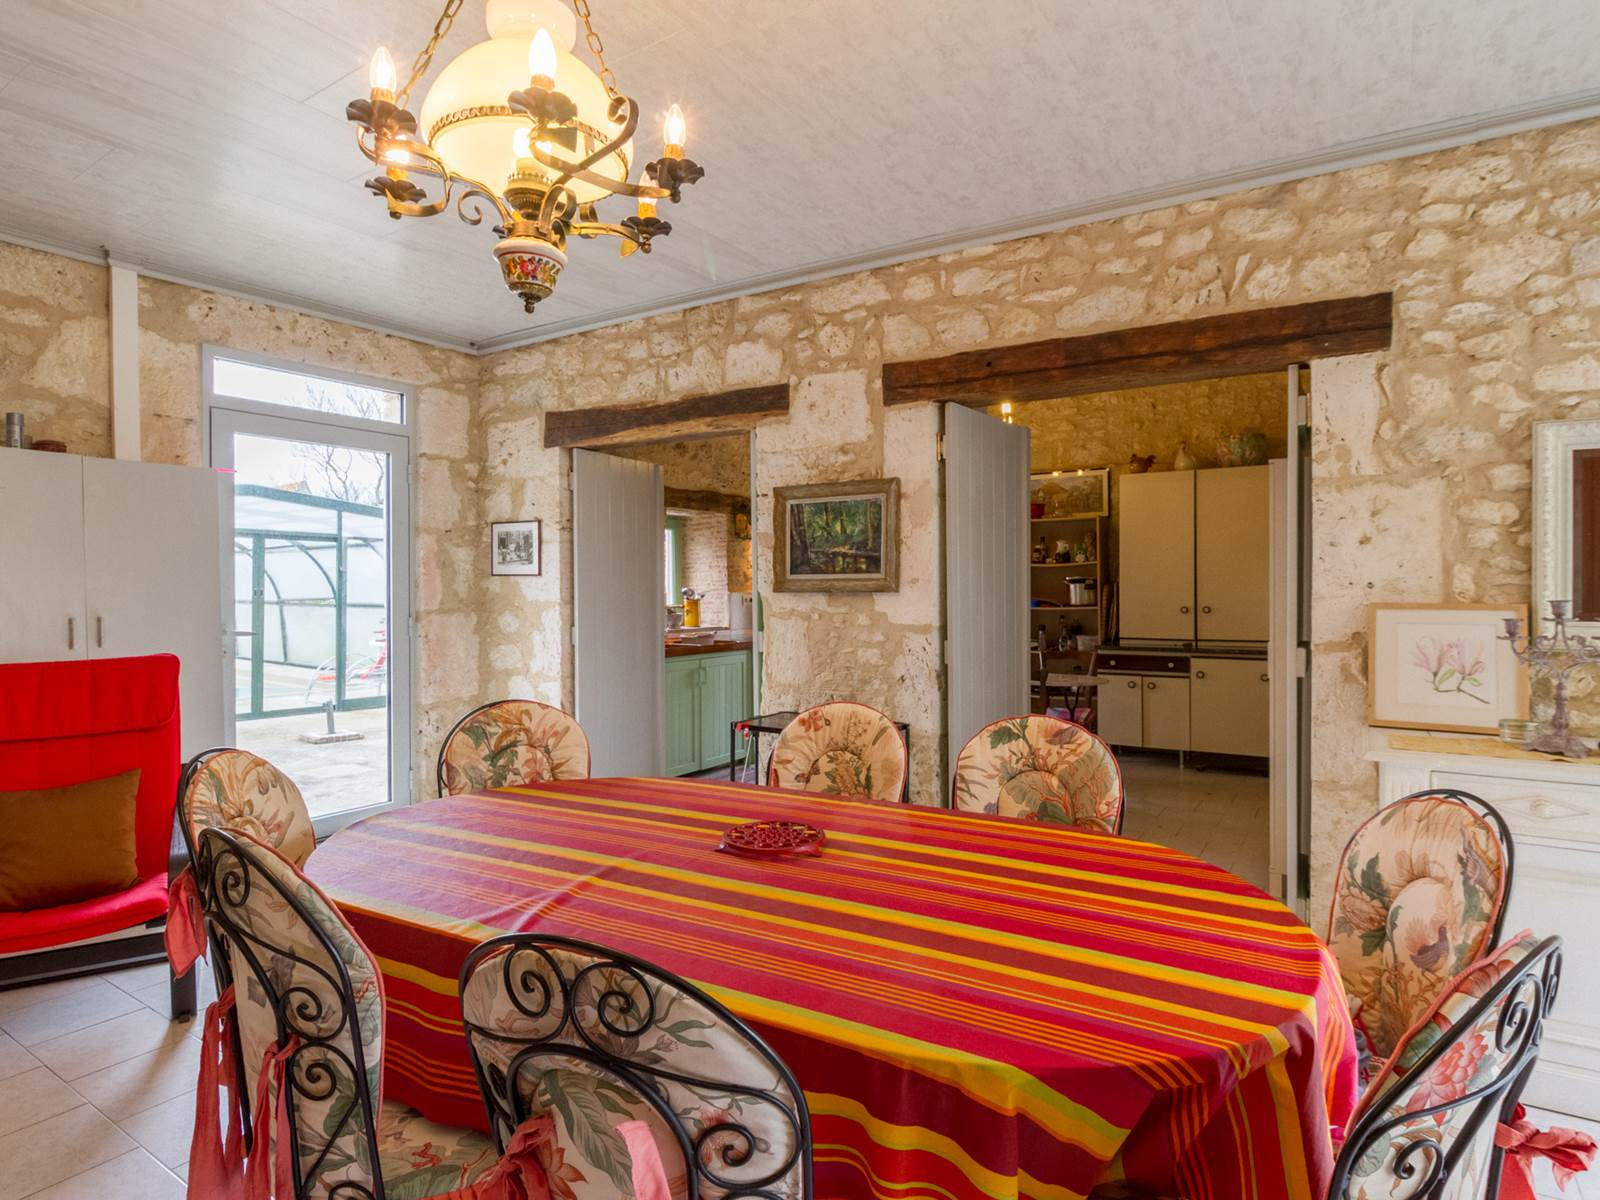 Saint Roch chambres d'hôtes séjour cuisine en enfilade à partager par les hôtes.jpg